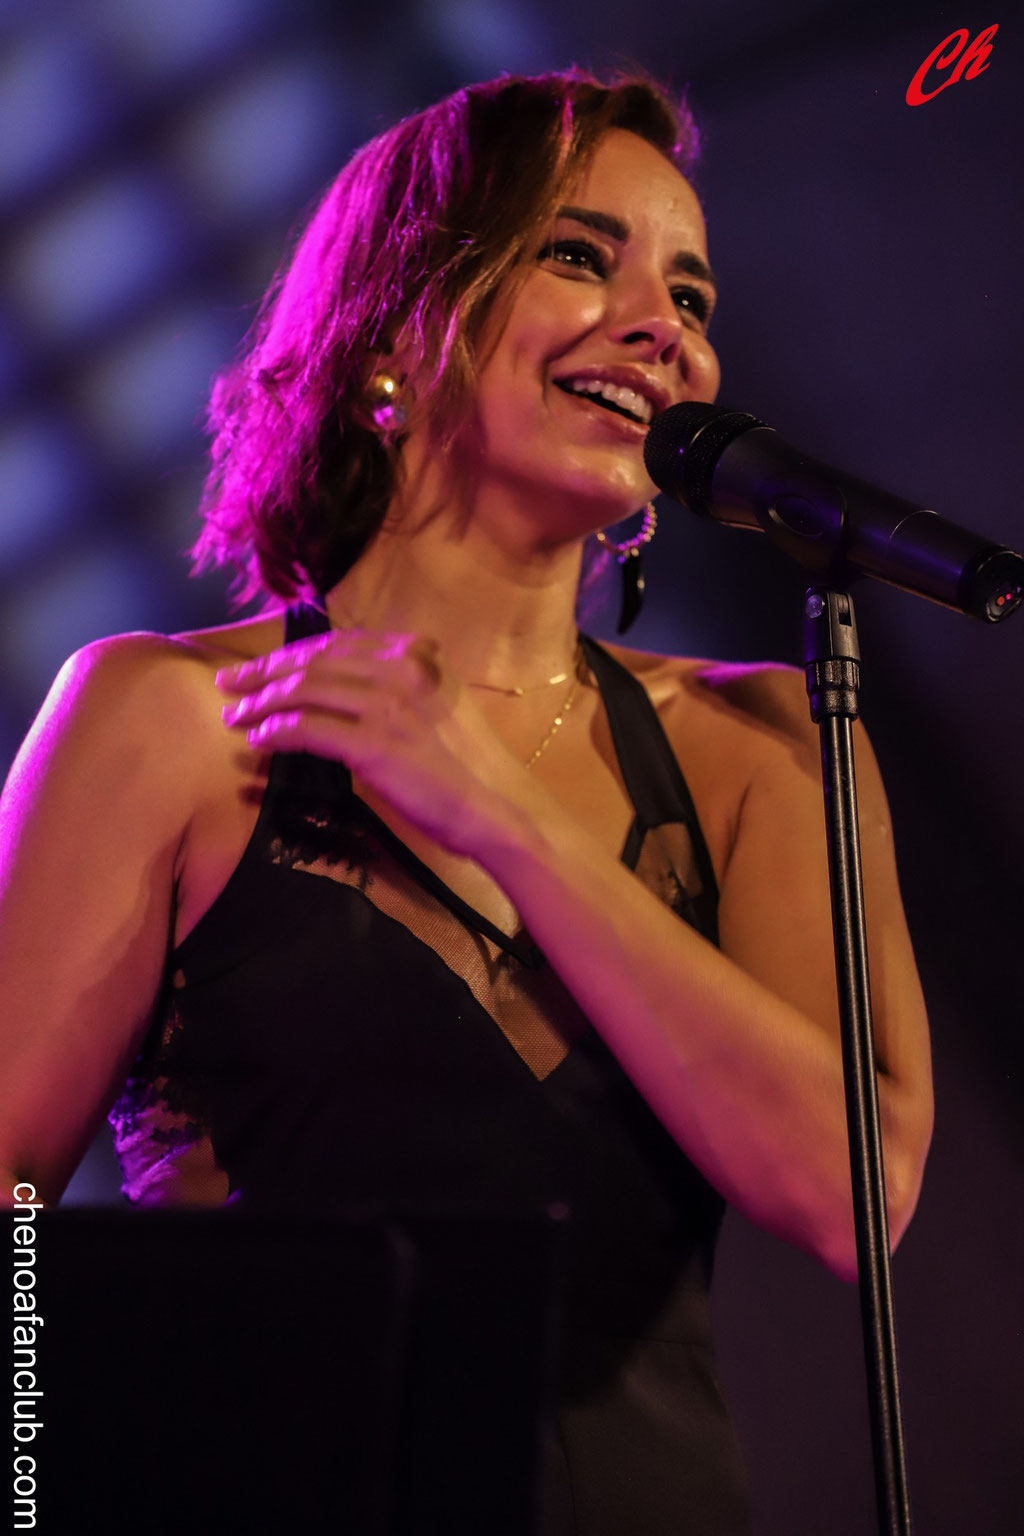 Concierto en Traiguera (Castellón) - Fotos Celia de la Vega - 14/08/2021